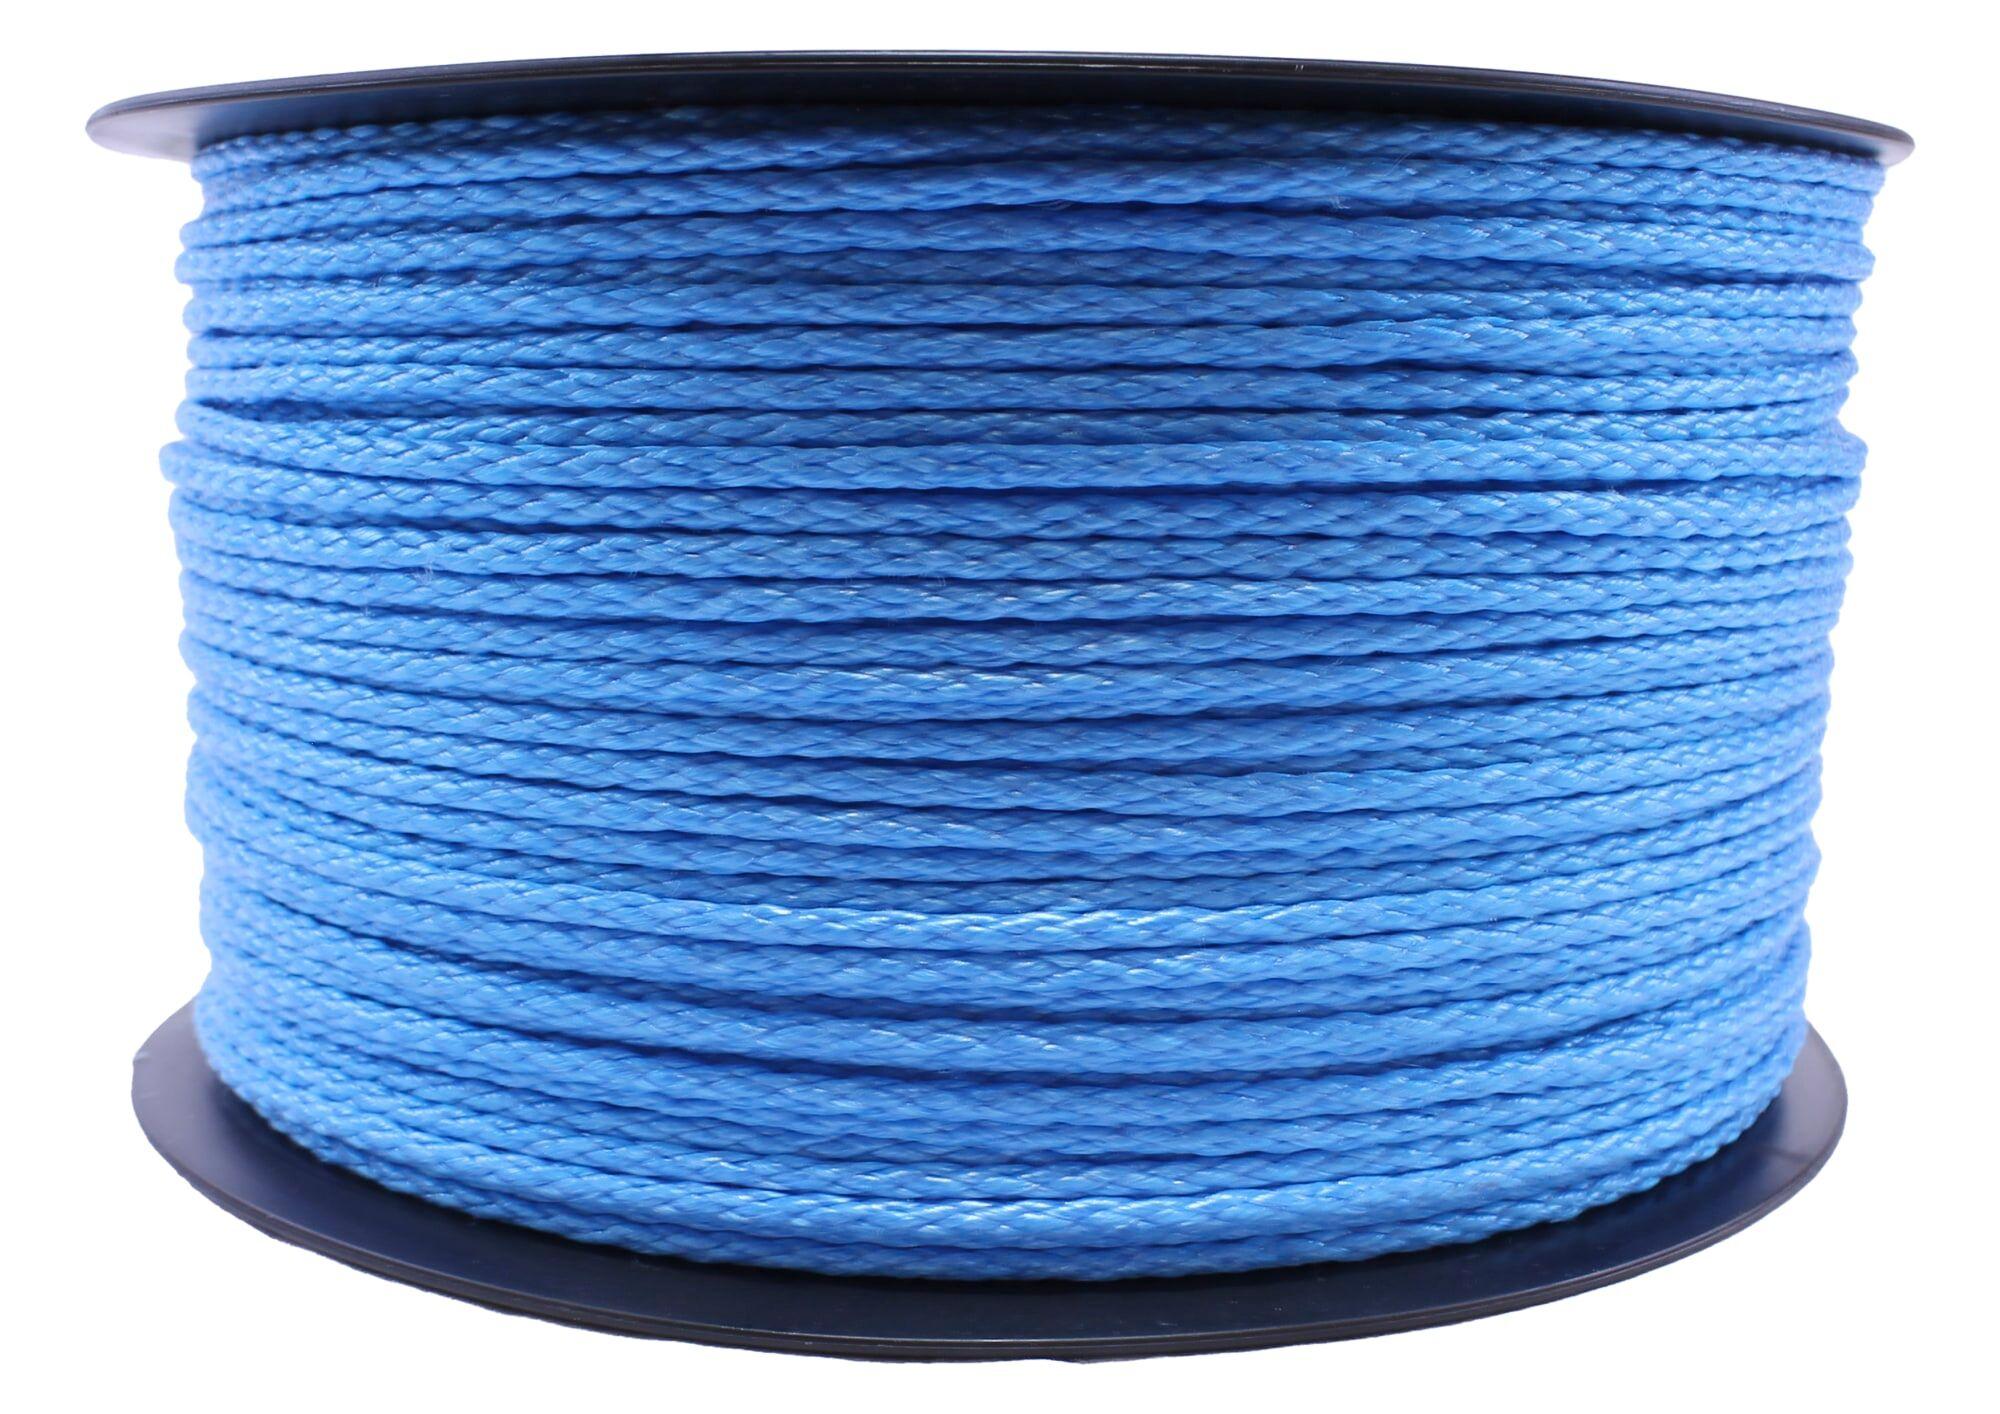 Piippo 4mm 380m sininen propeeniköysi